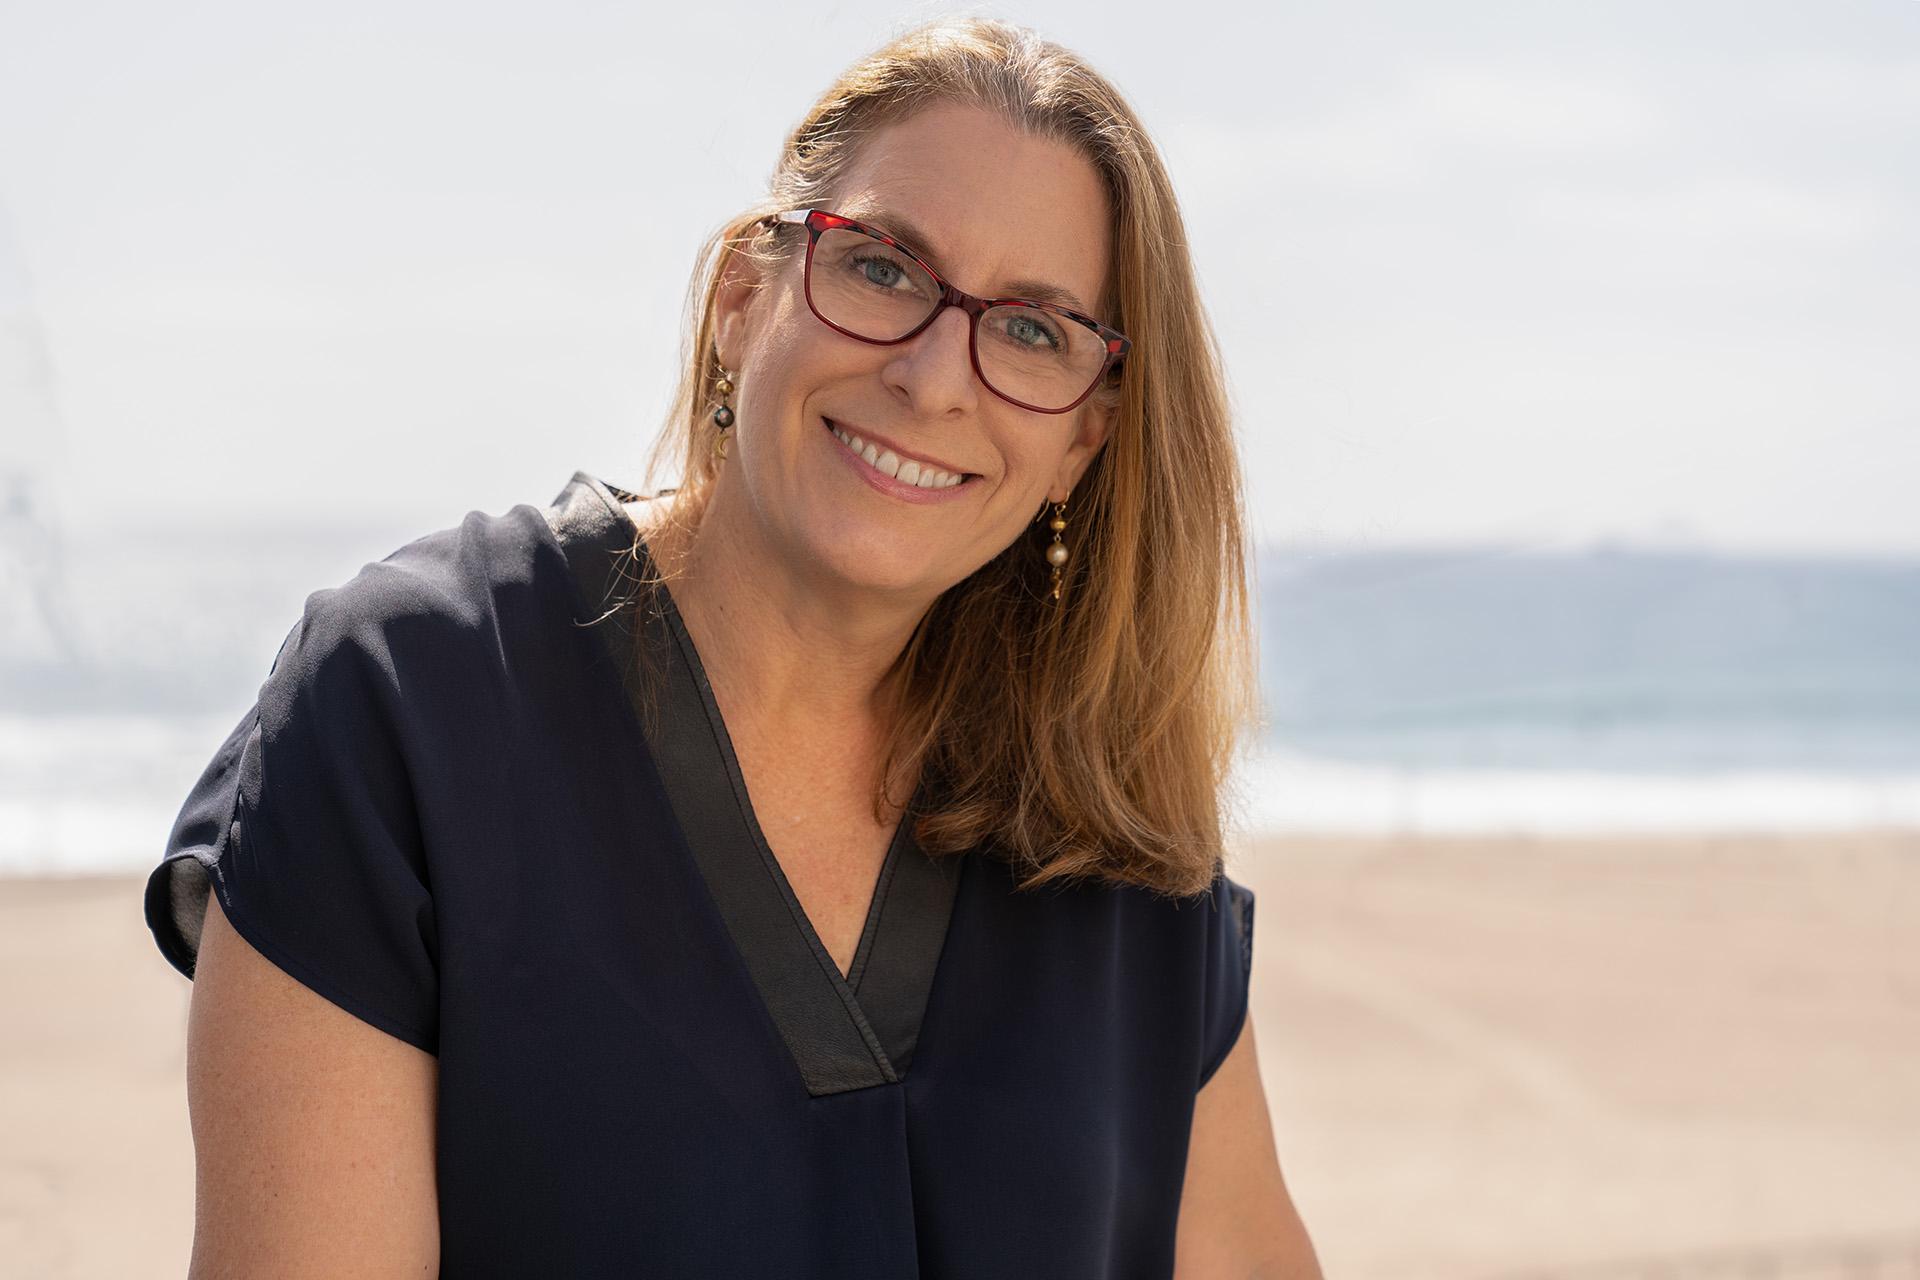 Julie Du Brow